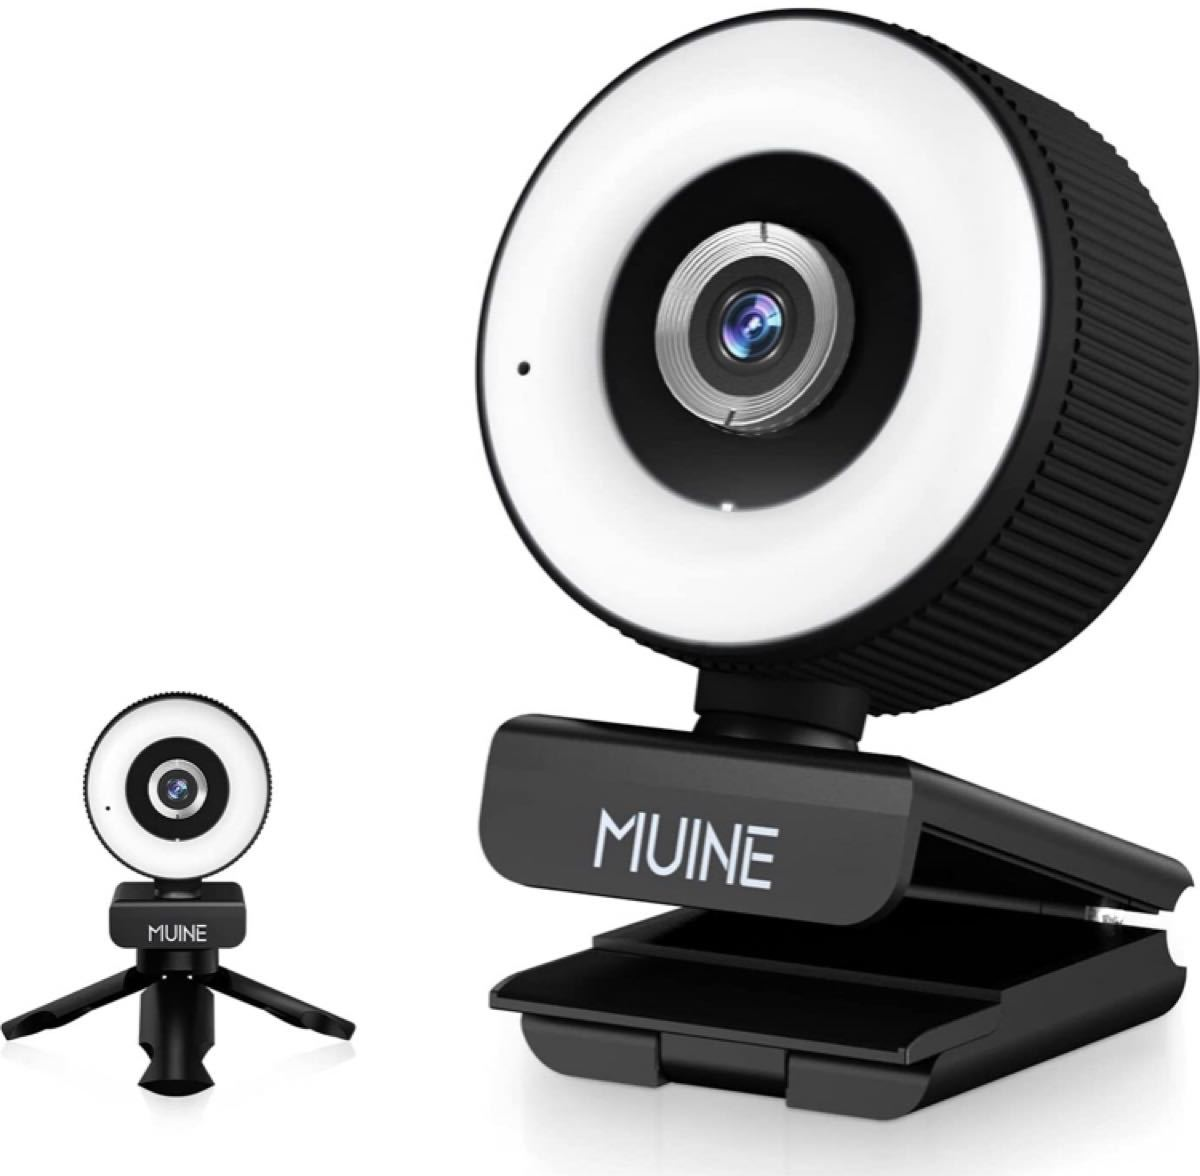 ウェブカメラ WEBカメラ フルHD1080P 200万画素 高画質 オートフォーカス 三脚付き リングライト LEDライト付き